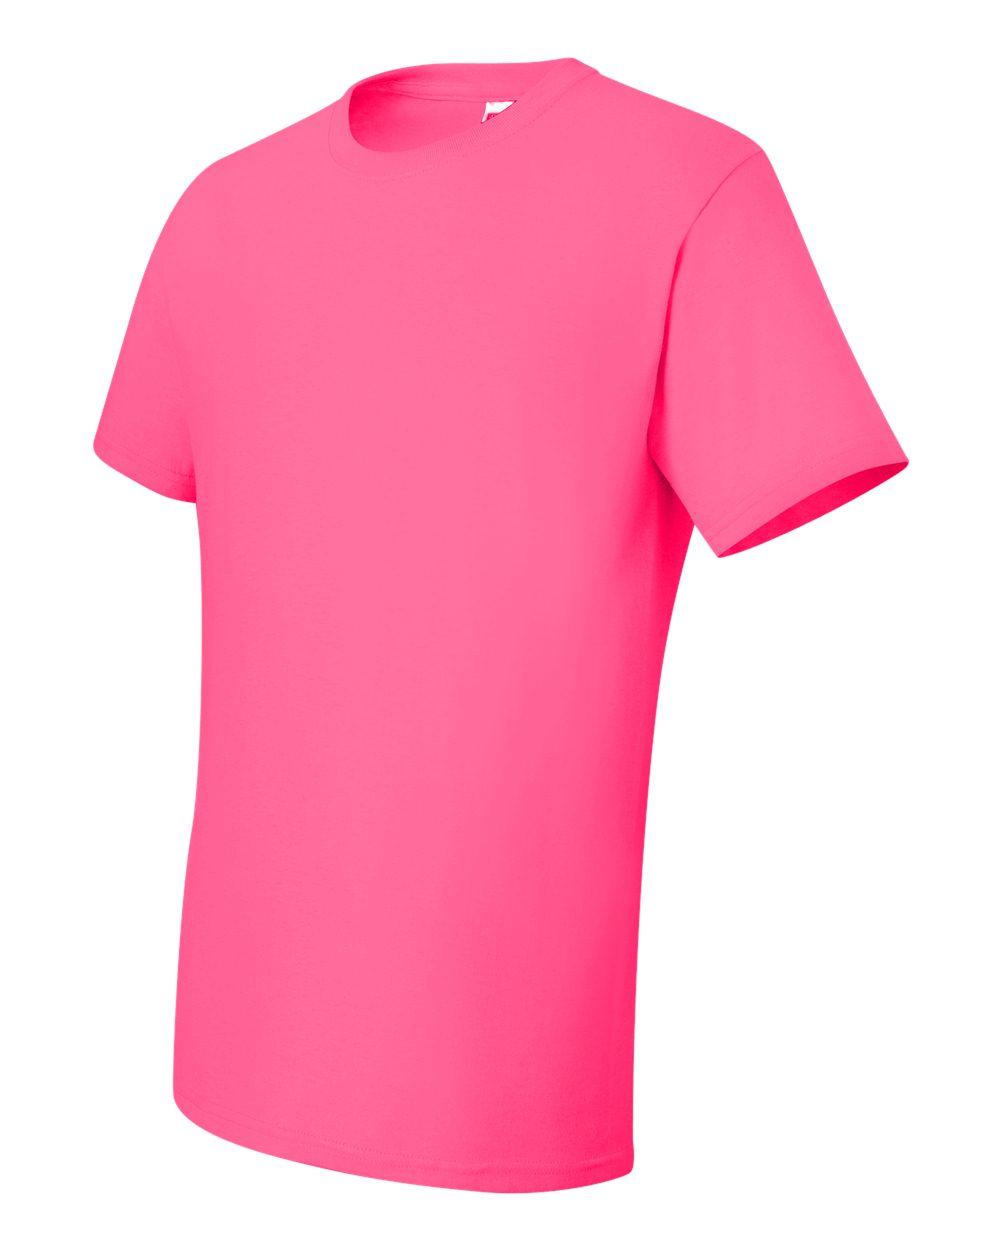 Jerzees-Men-039-s-5-6-oz-50-50-Heavyweight-Blend-T-Shirt-29M-S-4XL thumbnail 48